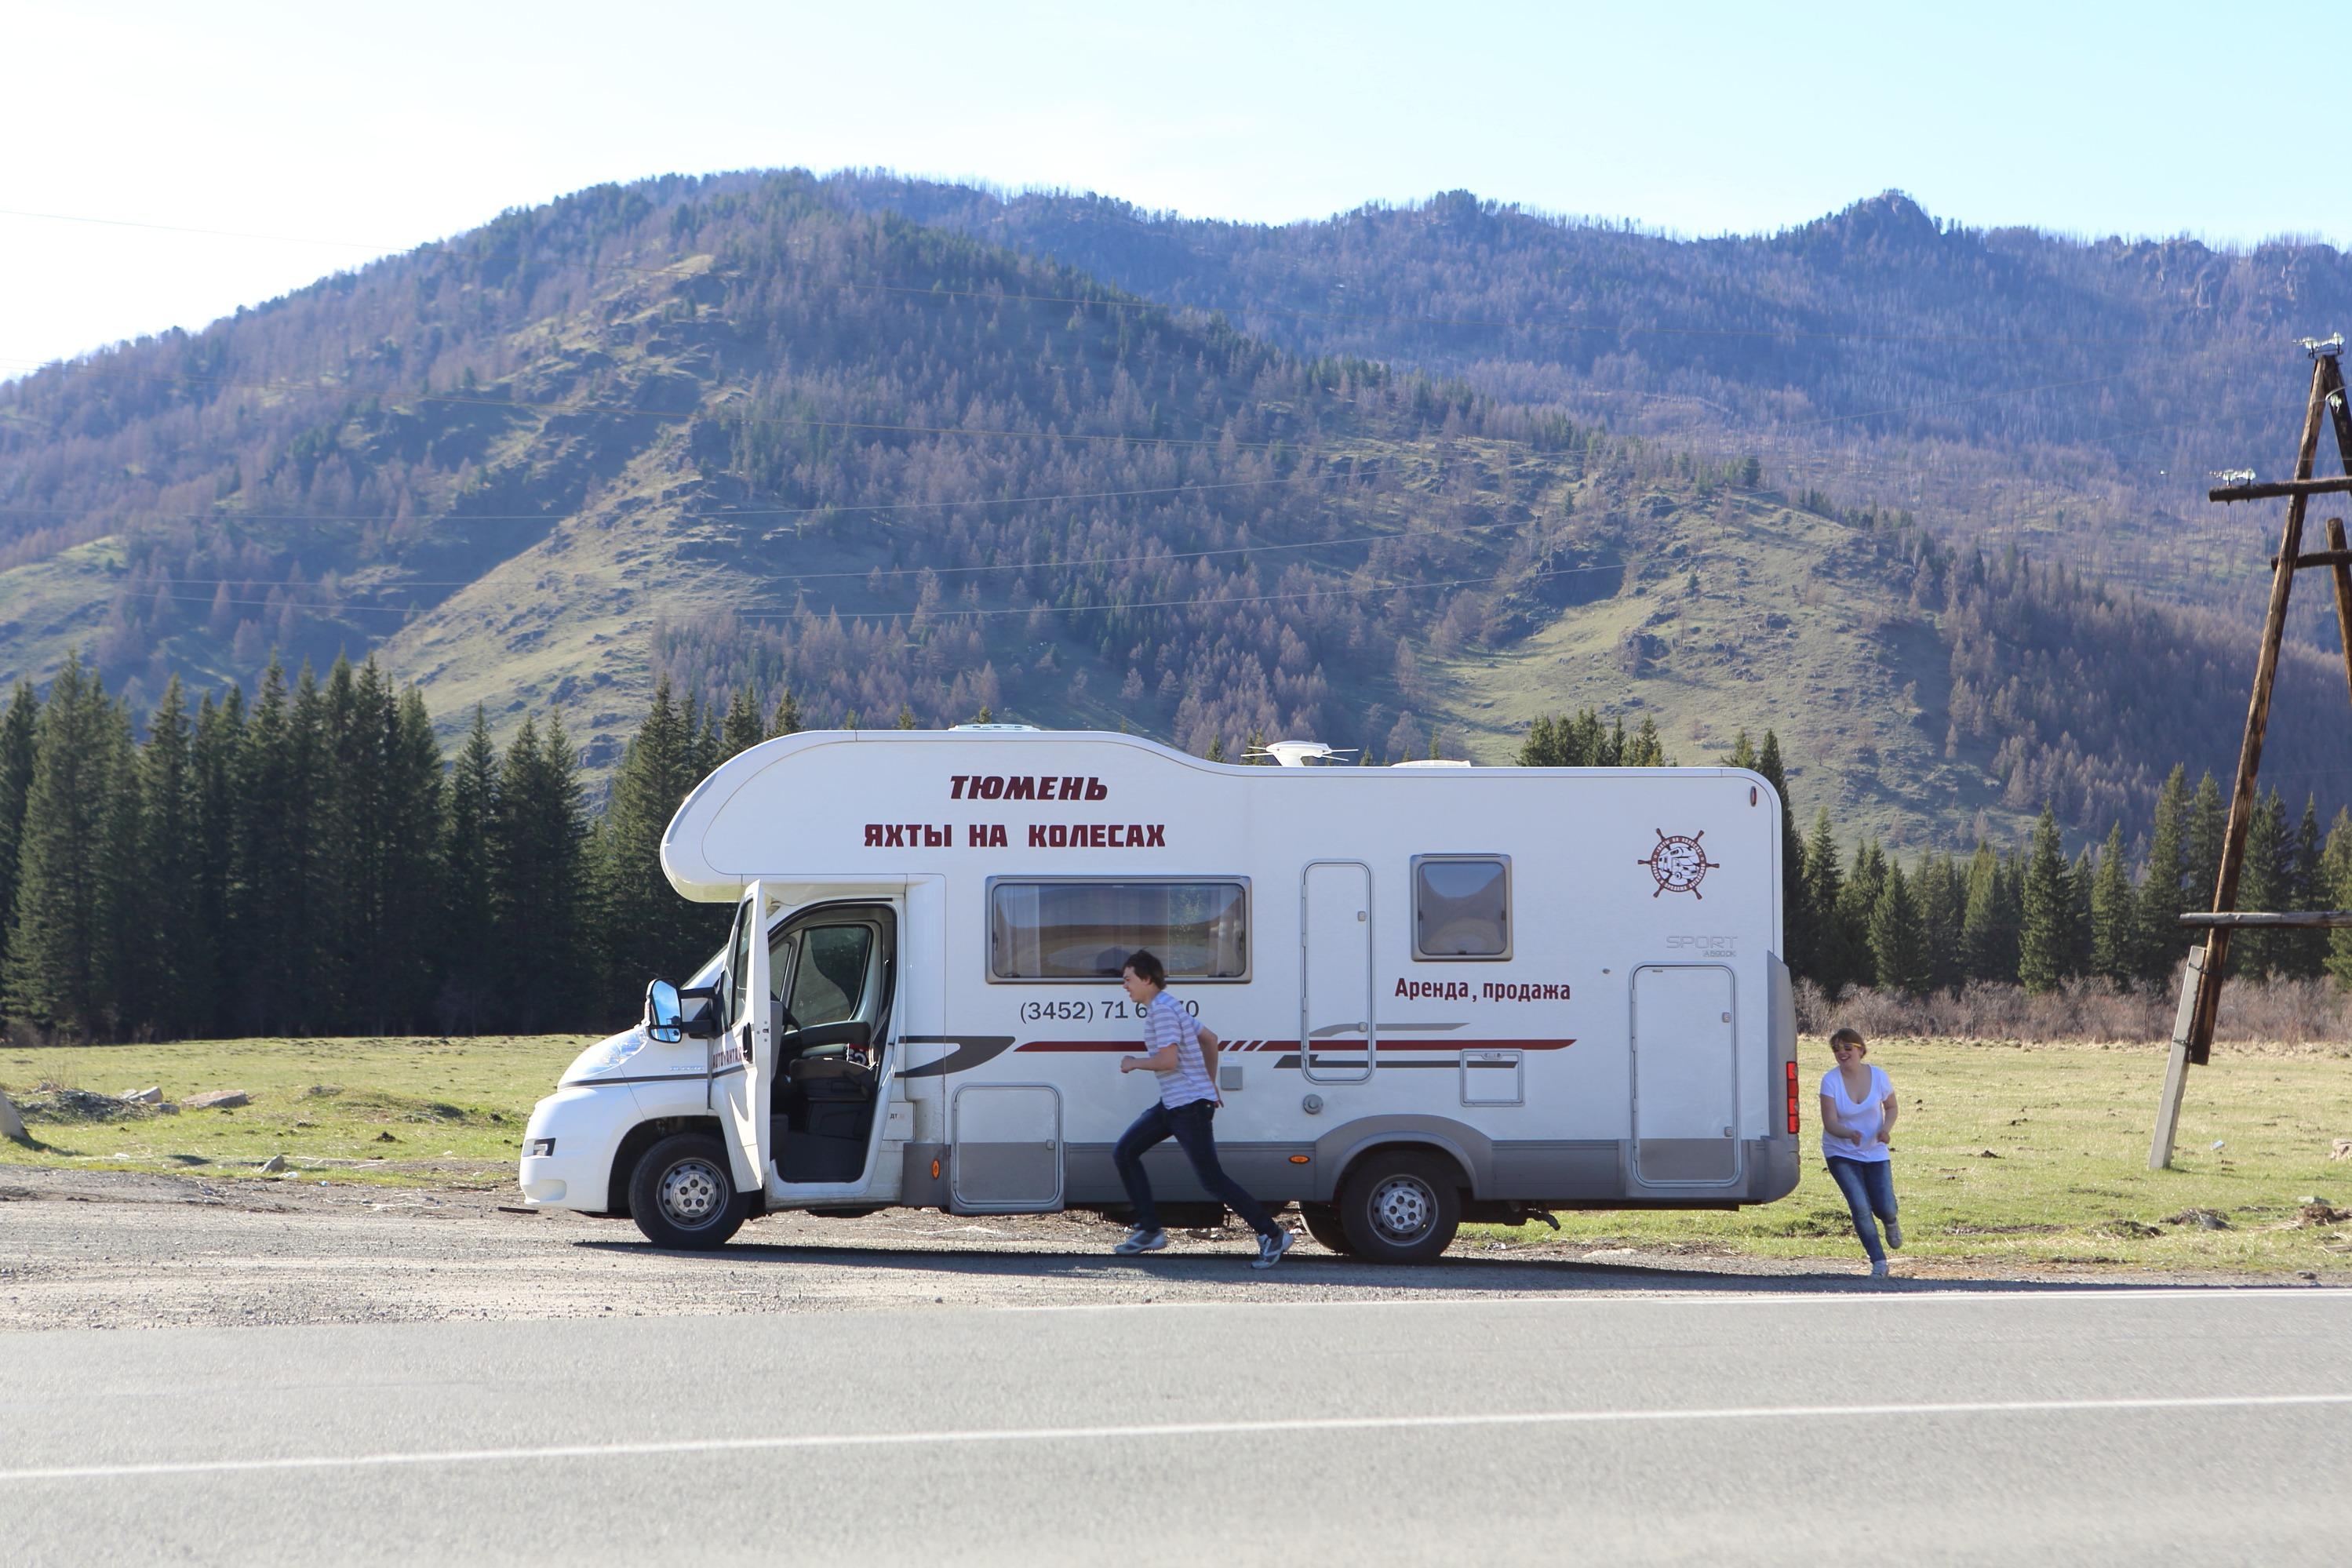 Этот фургон стал неотъемлемой частью жизнью для тюменки и её семьи